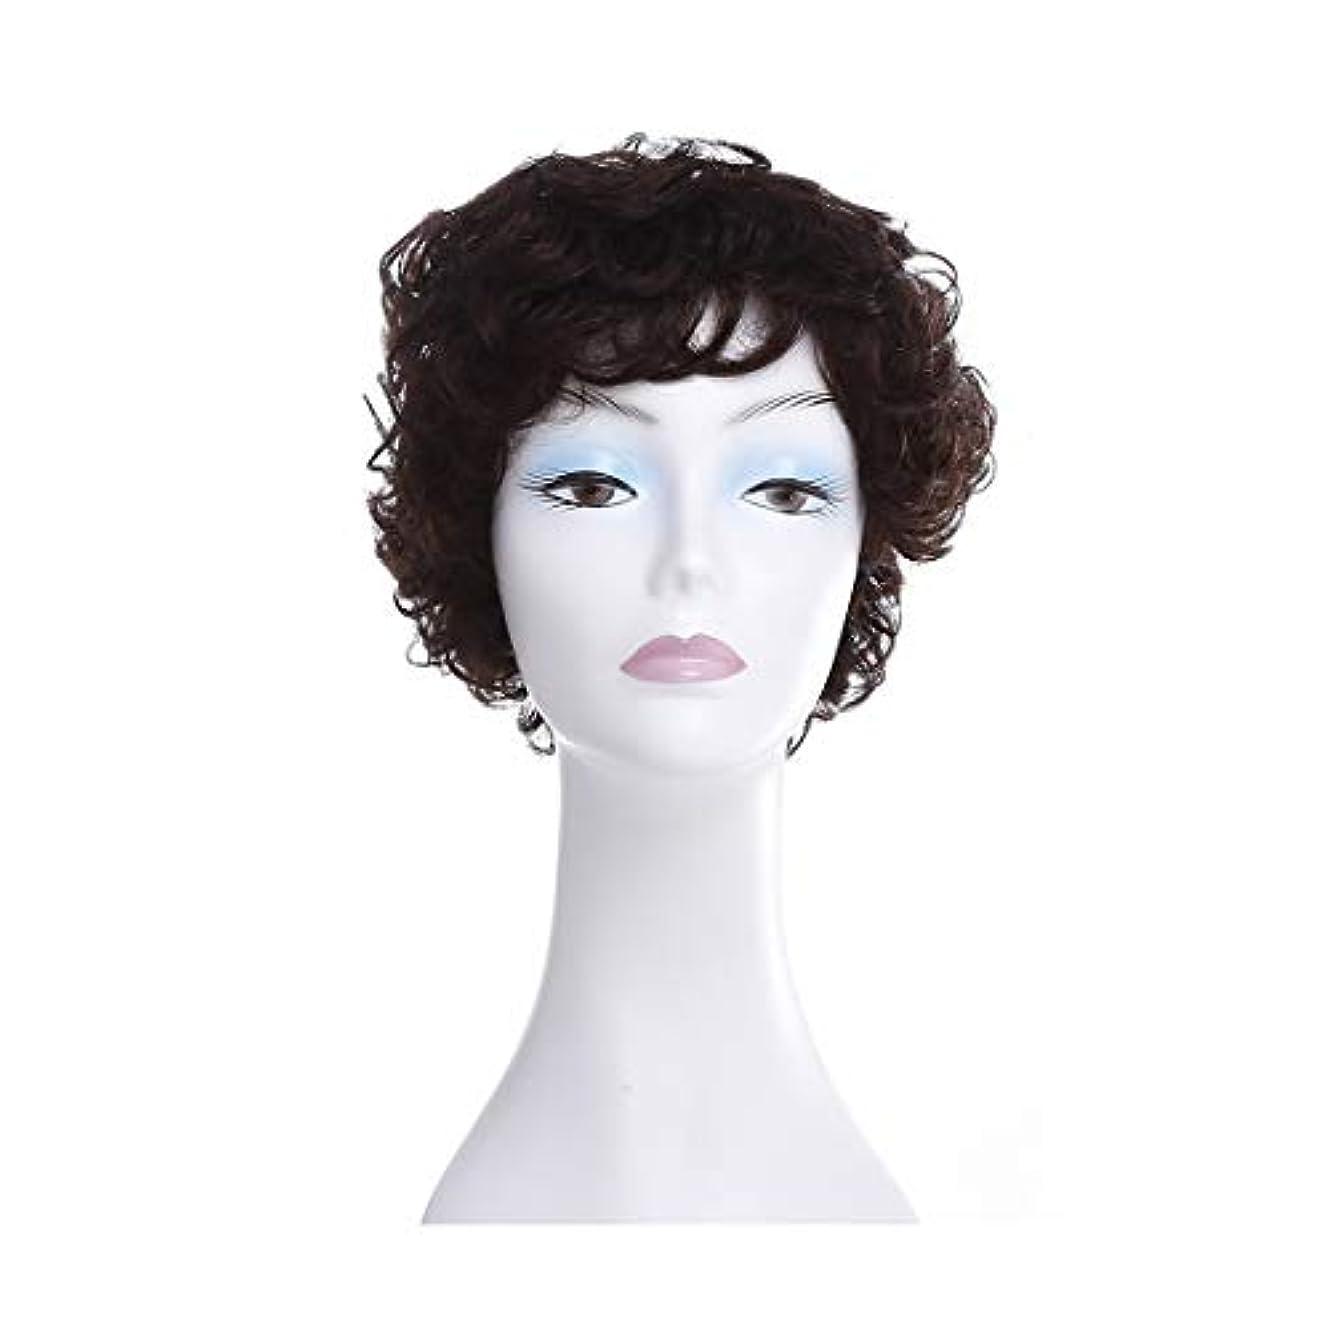 ひらめき風刺汚れたYOUQIU ふわふわショートカーリーヘアウィッグ中東や旧高齢女性ヘアスタイルのフルウィッグ帽子 (色 : Natural black)